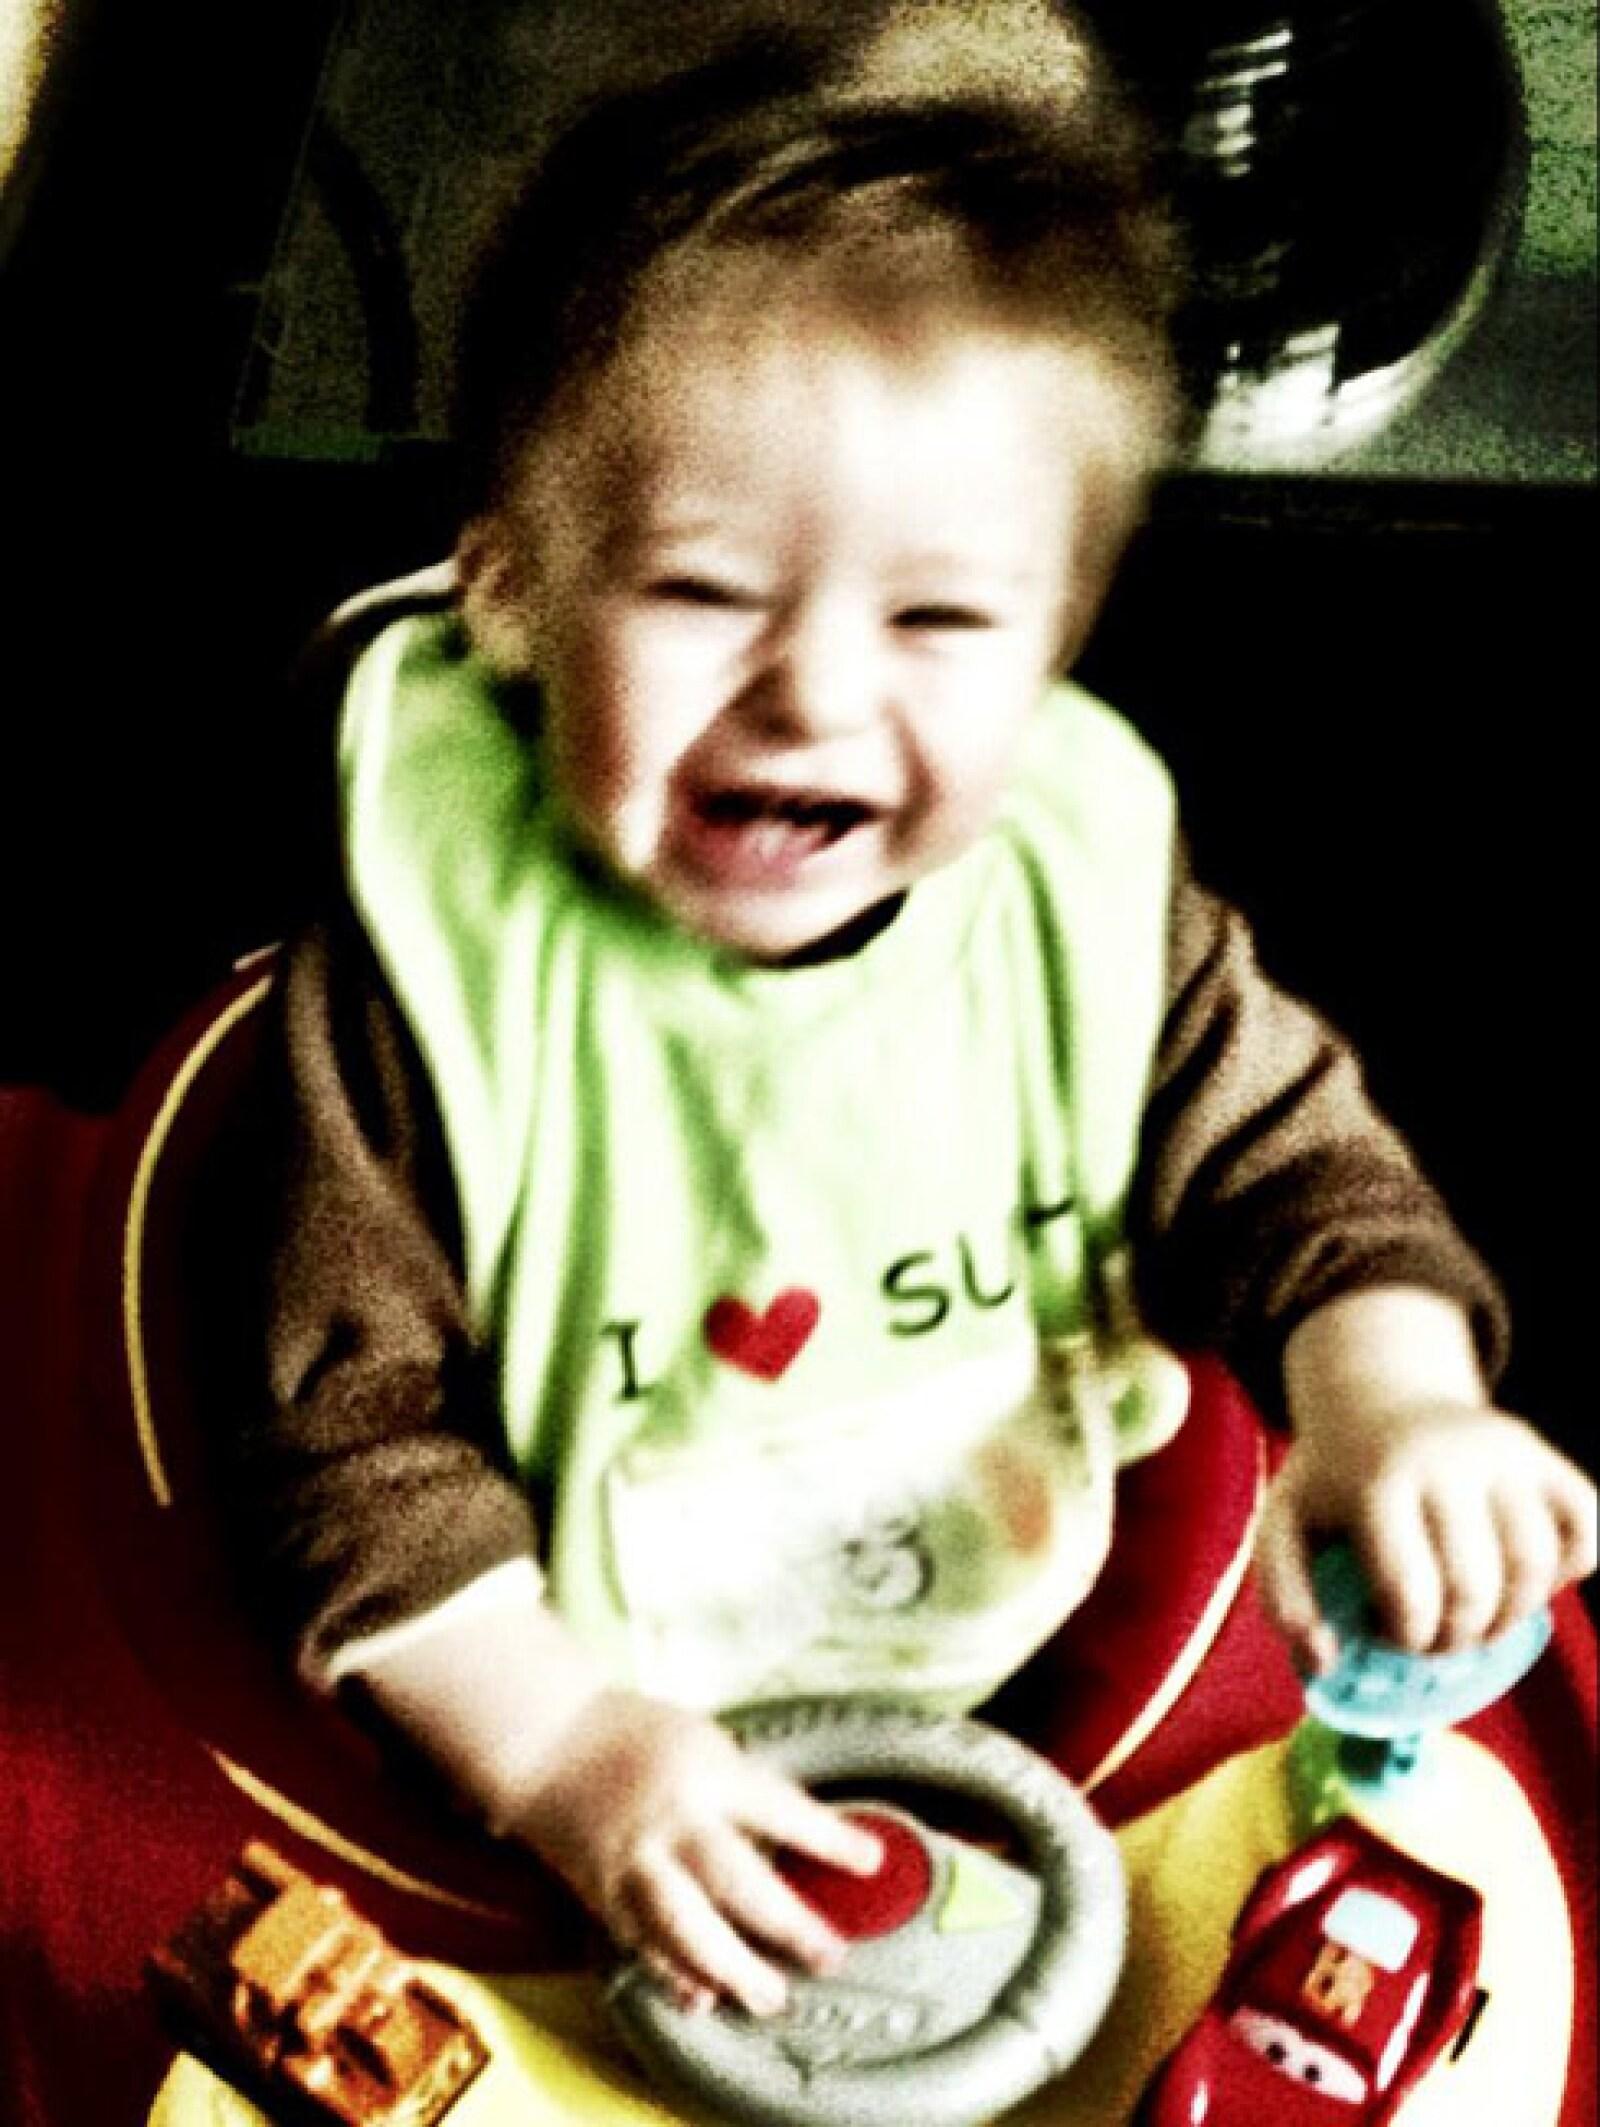 El pequeño Mateo feliz en su andadera en su primer cumpleaños. Su papá posteó: El cumpleañero #Mateo no suelta la andadera! Tengan un buen sábado!